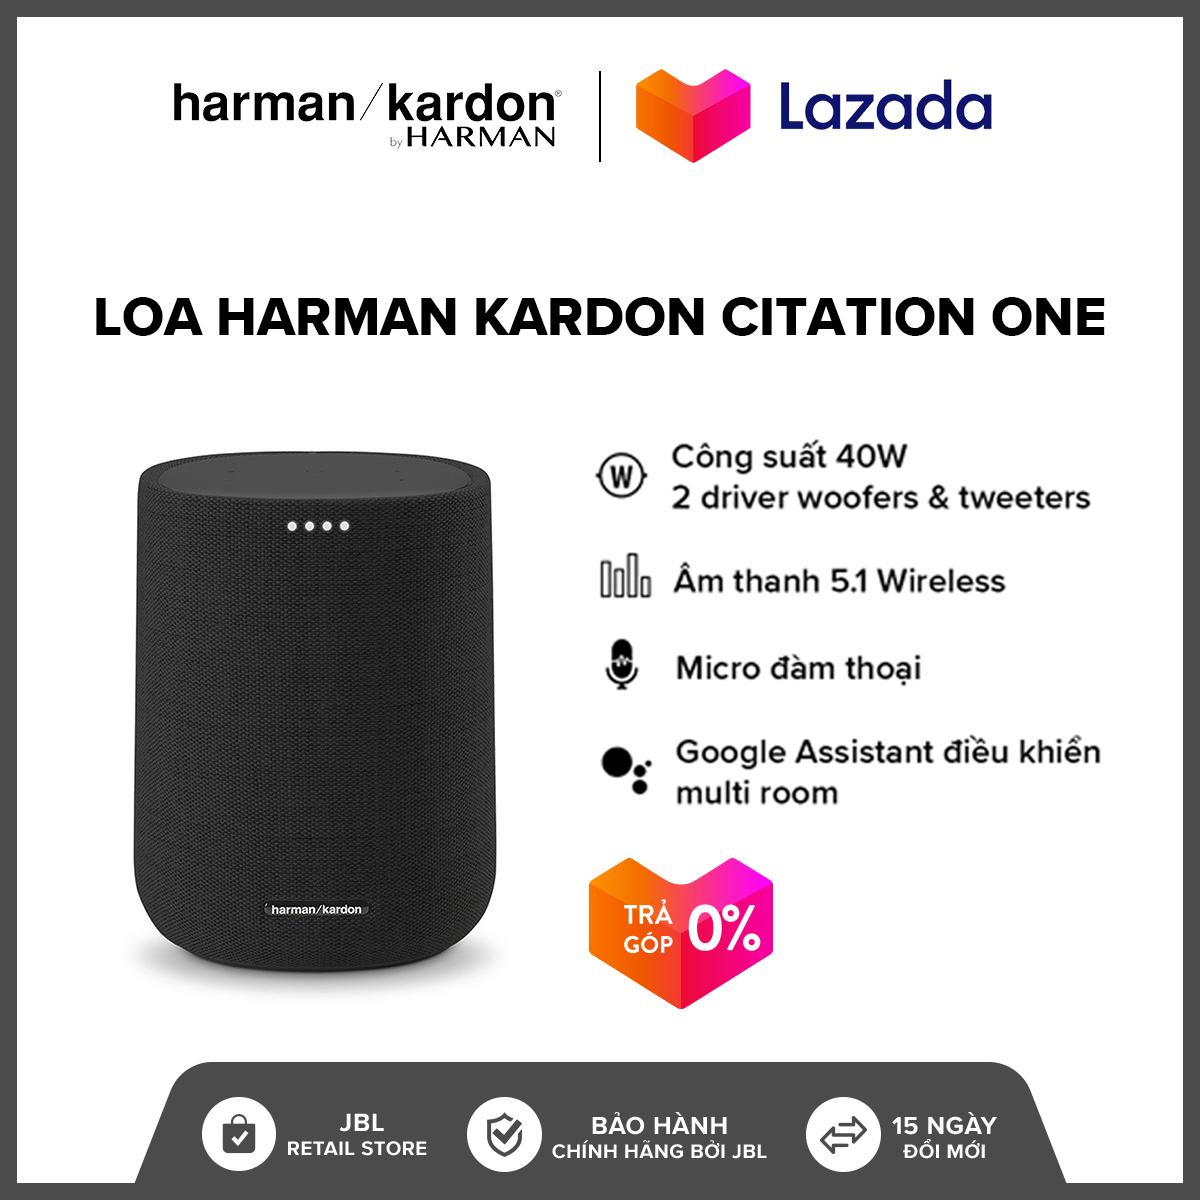 [TRẢ GÓP 0% - HÀNG CHÍNH HÃNG] Loa Harman Kardon Citation One l Công suất 40W l Kết nối 2 loa cho âm thanh nổi l 2 Driver l Hỗ trợ Google Assistant